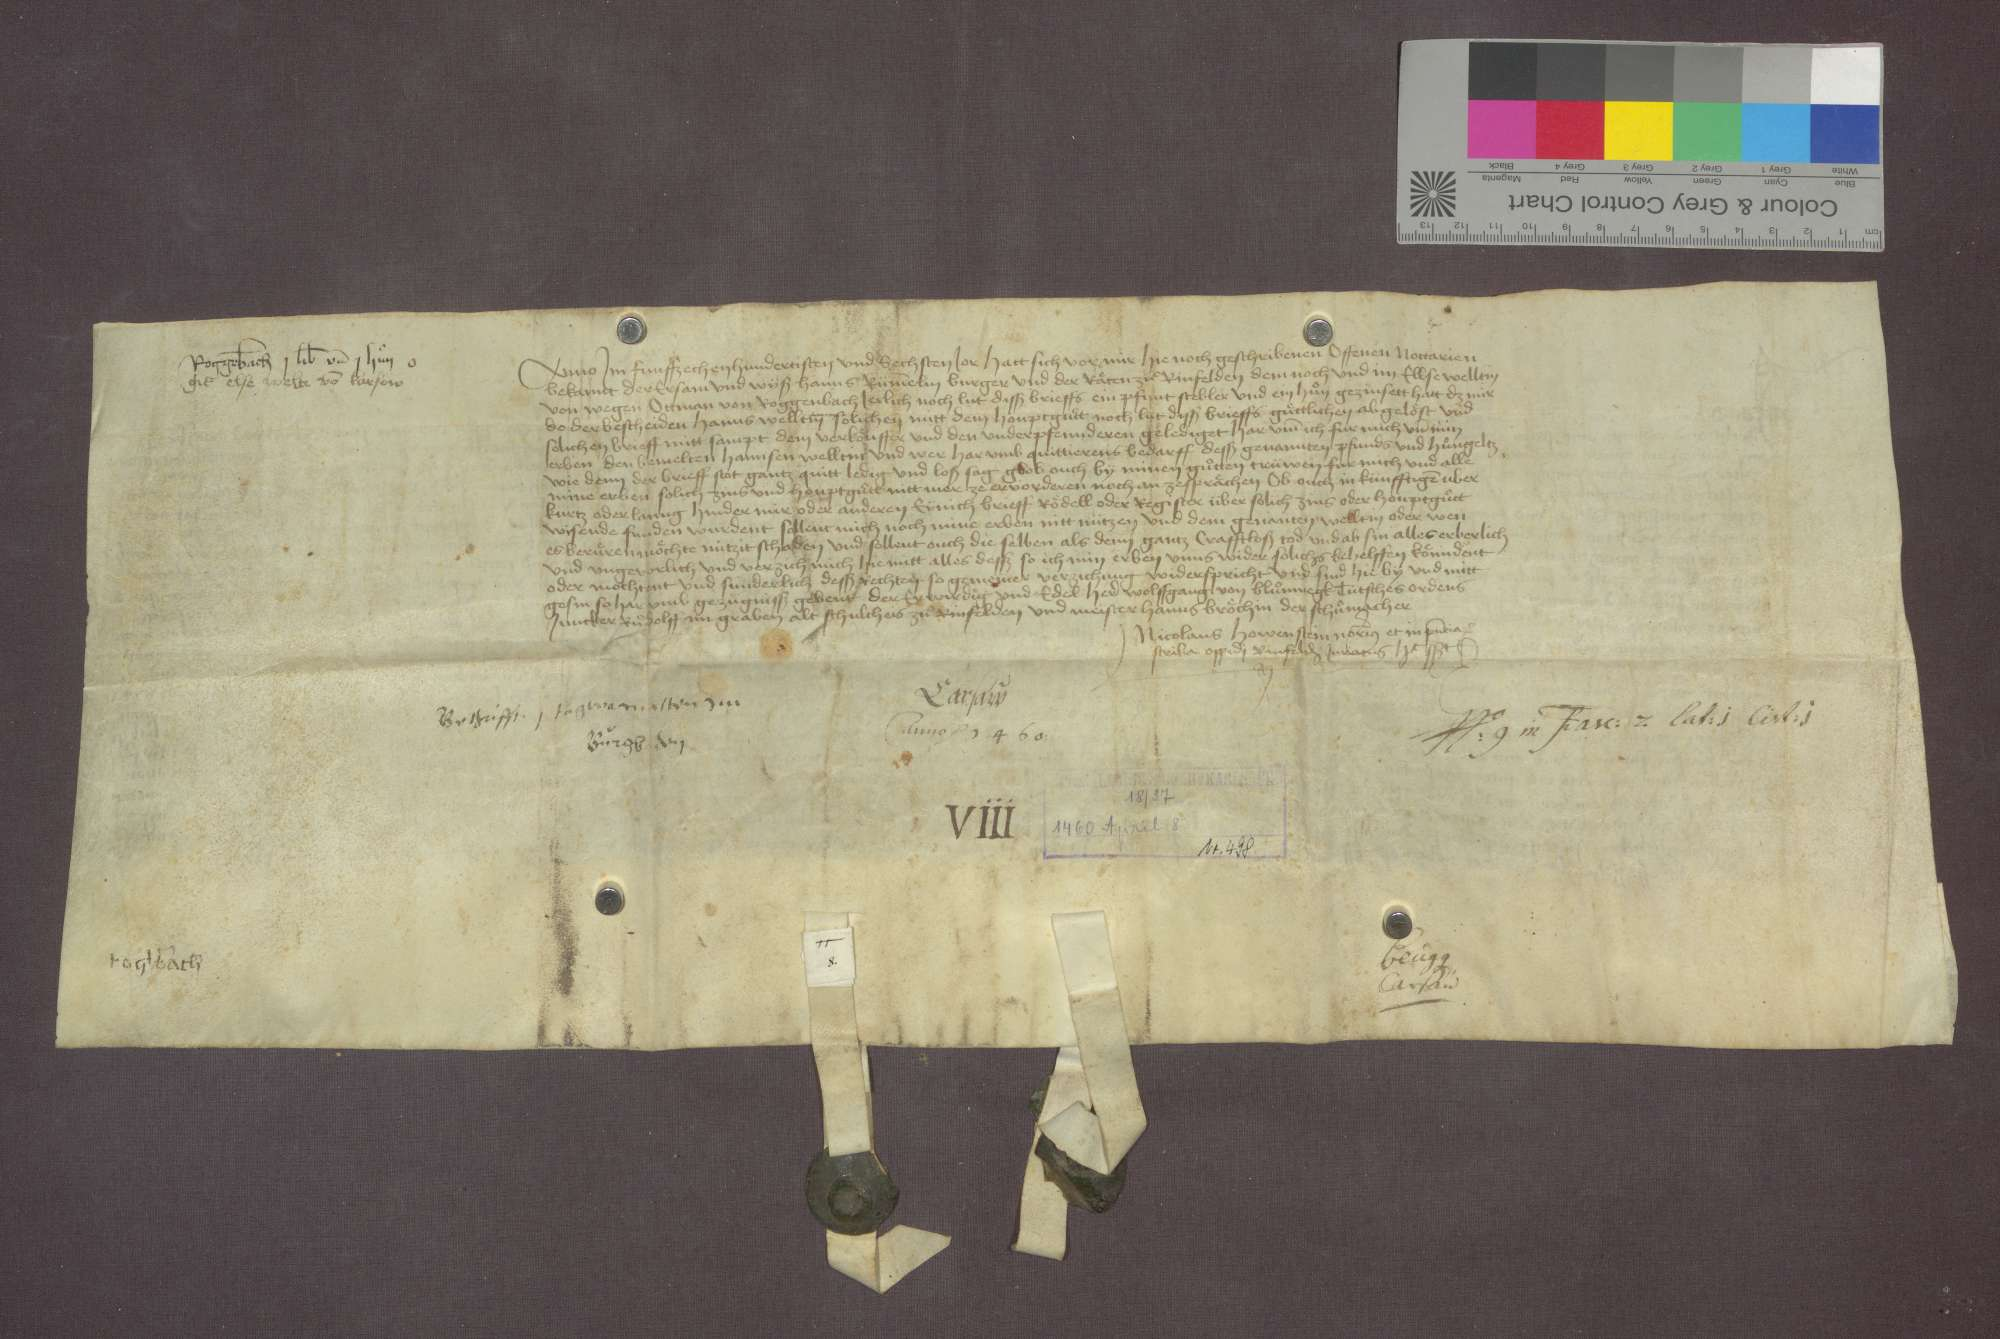 Ottman von Roggenbach verkauft an Lienhard Scherer von Schopfheim eine Gült von 1 Pfund Stebler und einem Huhn von Gütern zu Rheinfelden auf dem sogenannten Burgboden um 20 Gulden., Bild 2